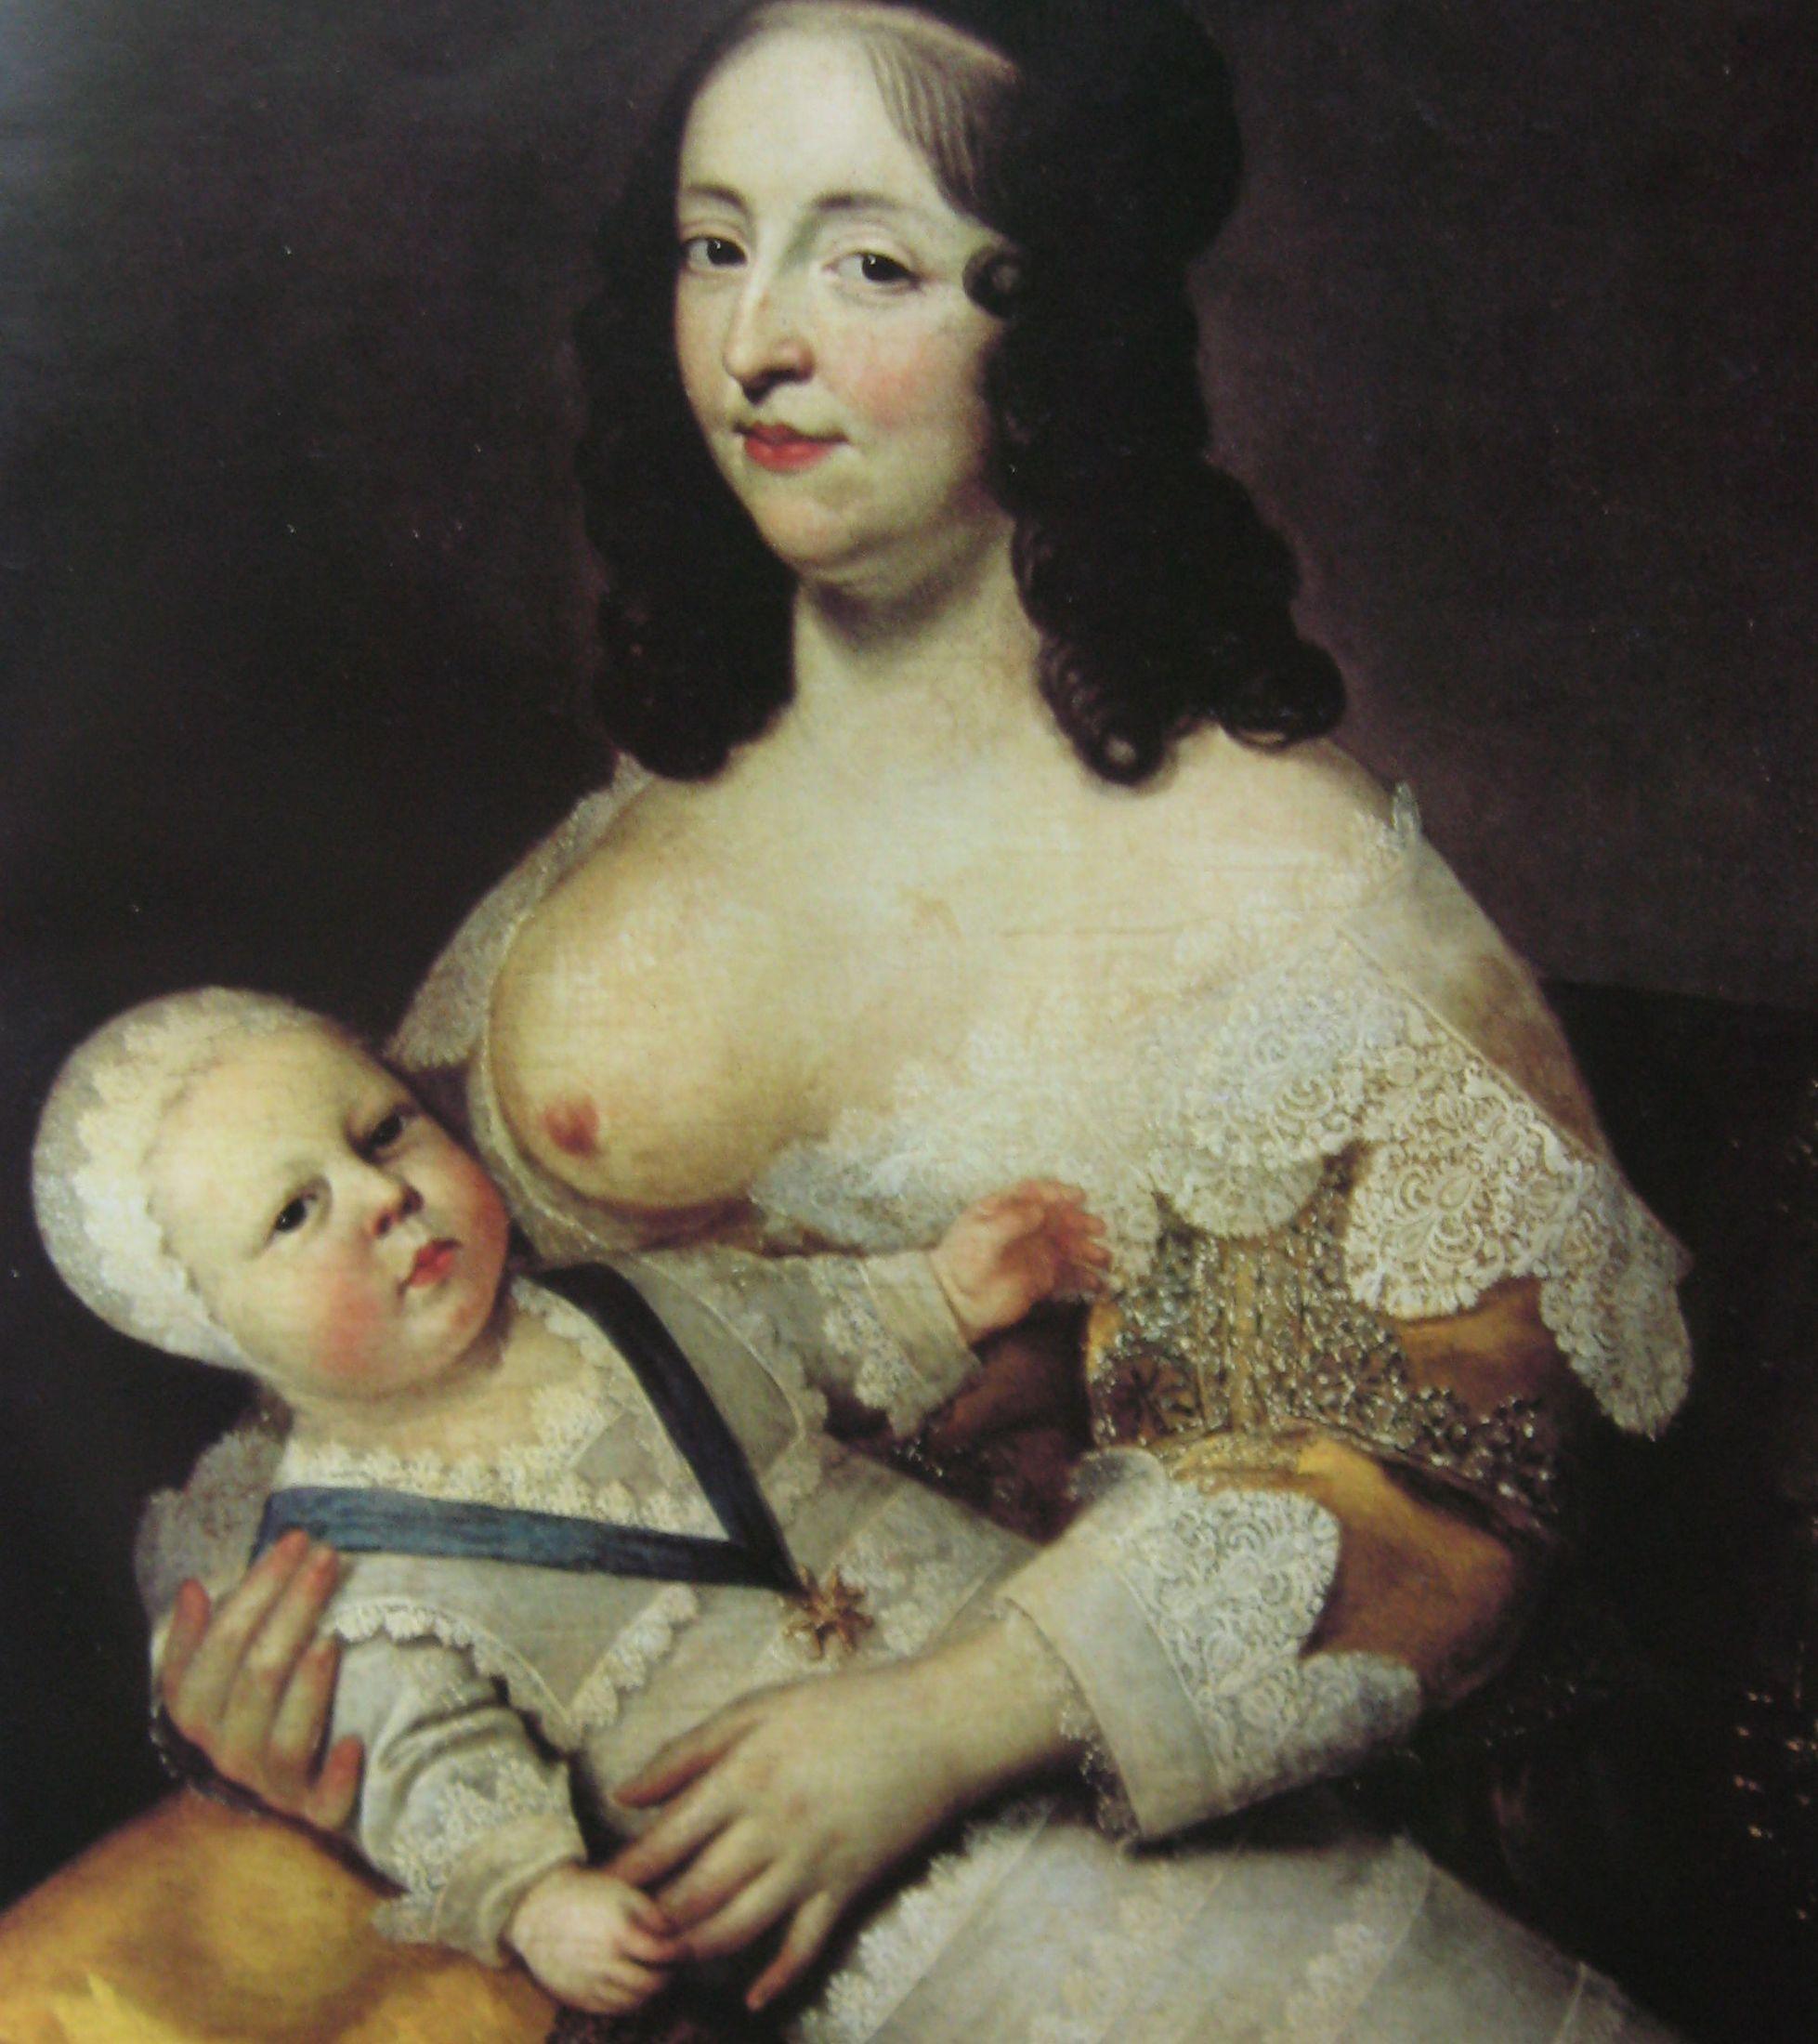 Jedną z praktykowanych metod antykoncepcyjnych było przedłużone karmienie piersią. Dlatego królowe, licząc na szybkie narodziny kolejnych potomków, oddawały dzieci mamkom. Na obrazie Charlesa Beaubruna przyszły Ludwik XIV i jego karmicielka Longuet de la Giraudiére (źródło: domena publiczna).